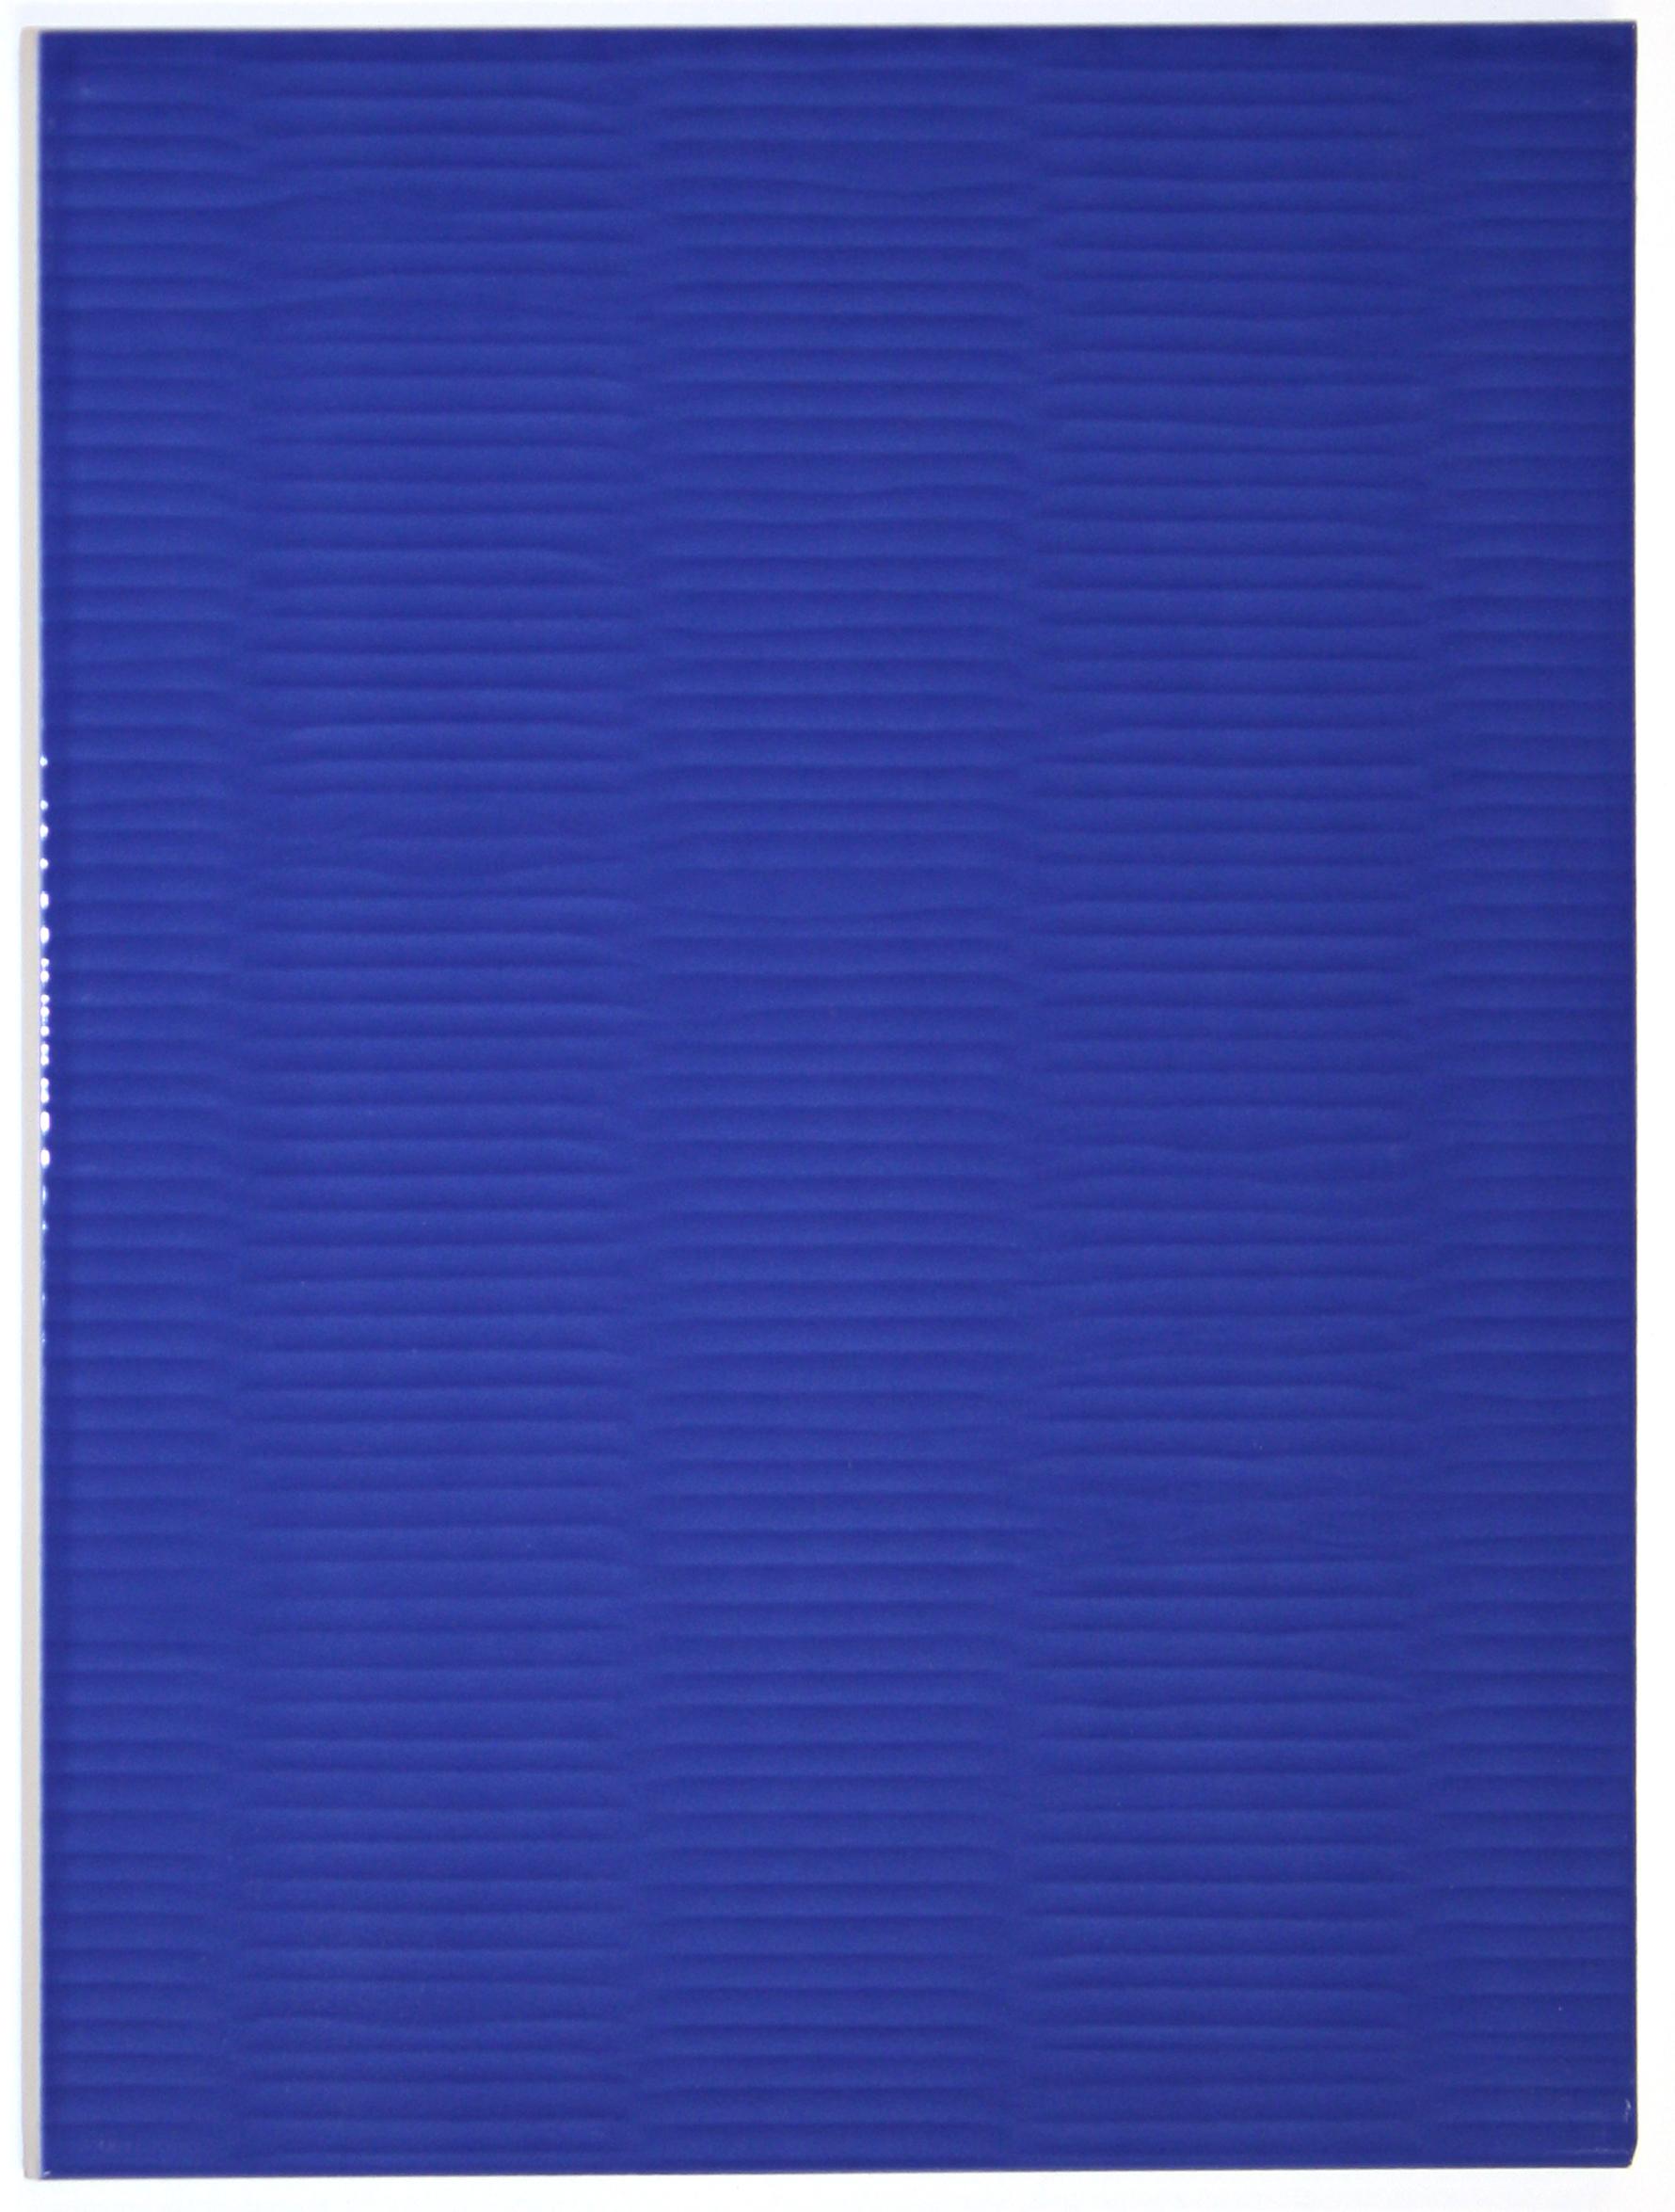 Плитка настенная 250х330х7 мм Гольфстрим темно-синий (18 шт=1,49 кв.м)